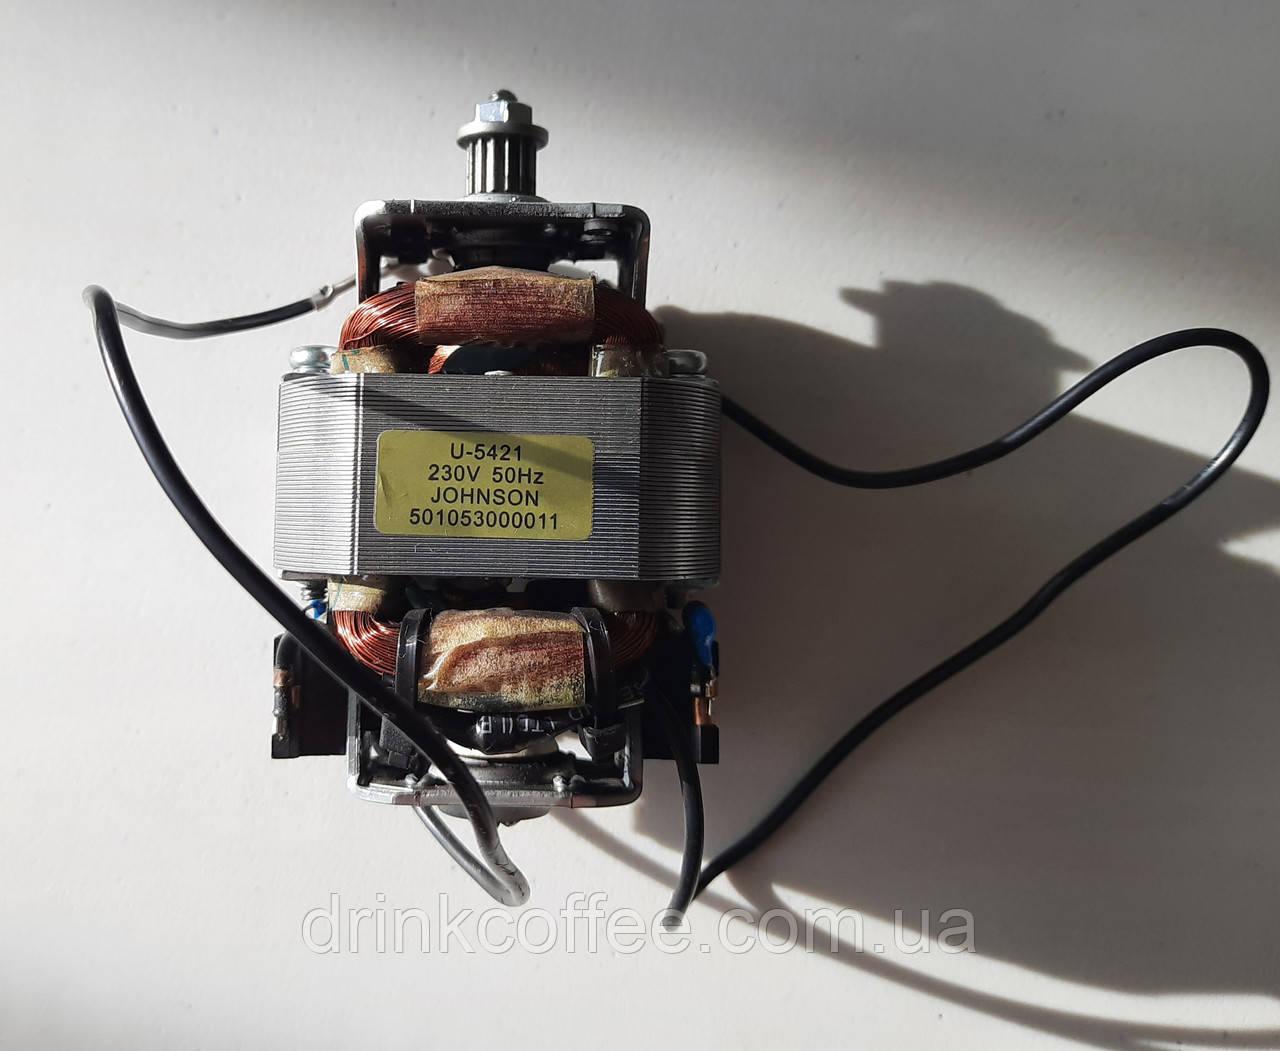 Двигатель кофемолки для кофемашины Delonghi ESAM б/у